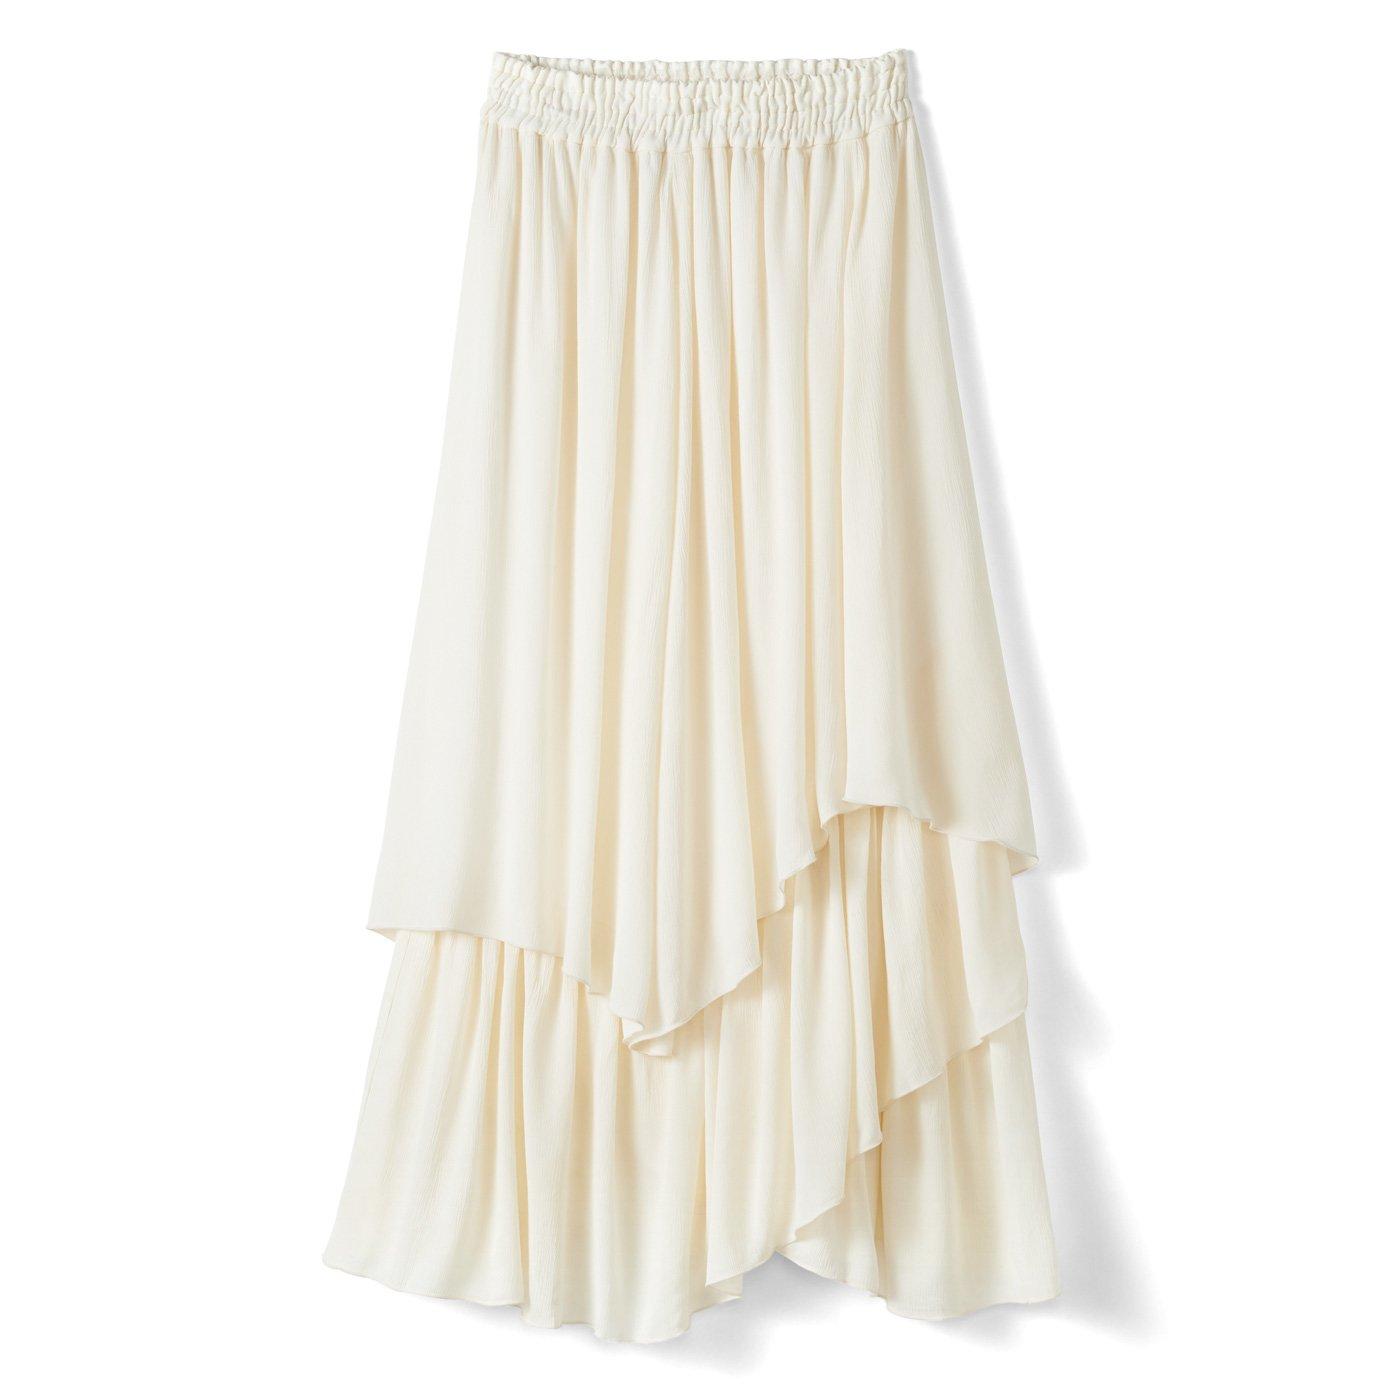 【3~10日でお届け】IEDIT[イディット] ふわりと軽やかな楊柳(ようりゅう)ティアードイレギュラーヘムスカート〈アイボリー〉